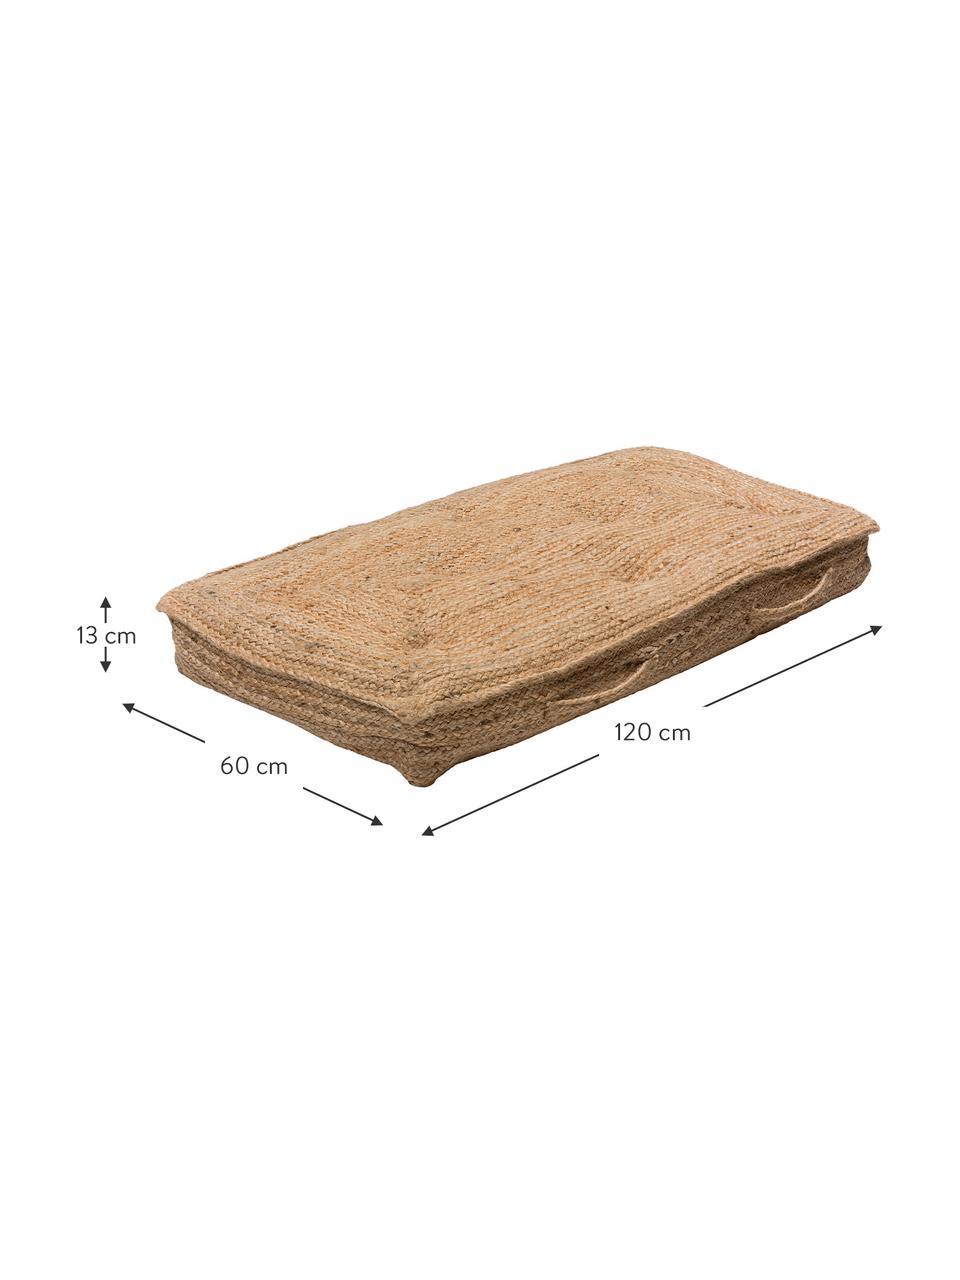 Grosses Jute-Bodenkissen Ural, Vorderseite: Jute, Beige, 60 x 120 cm